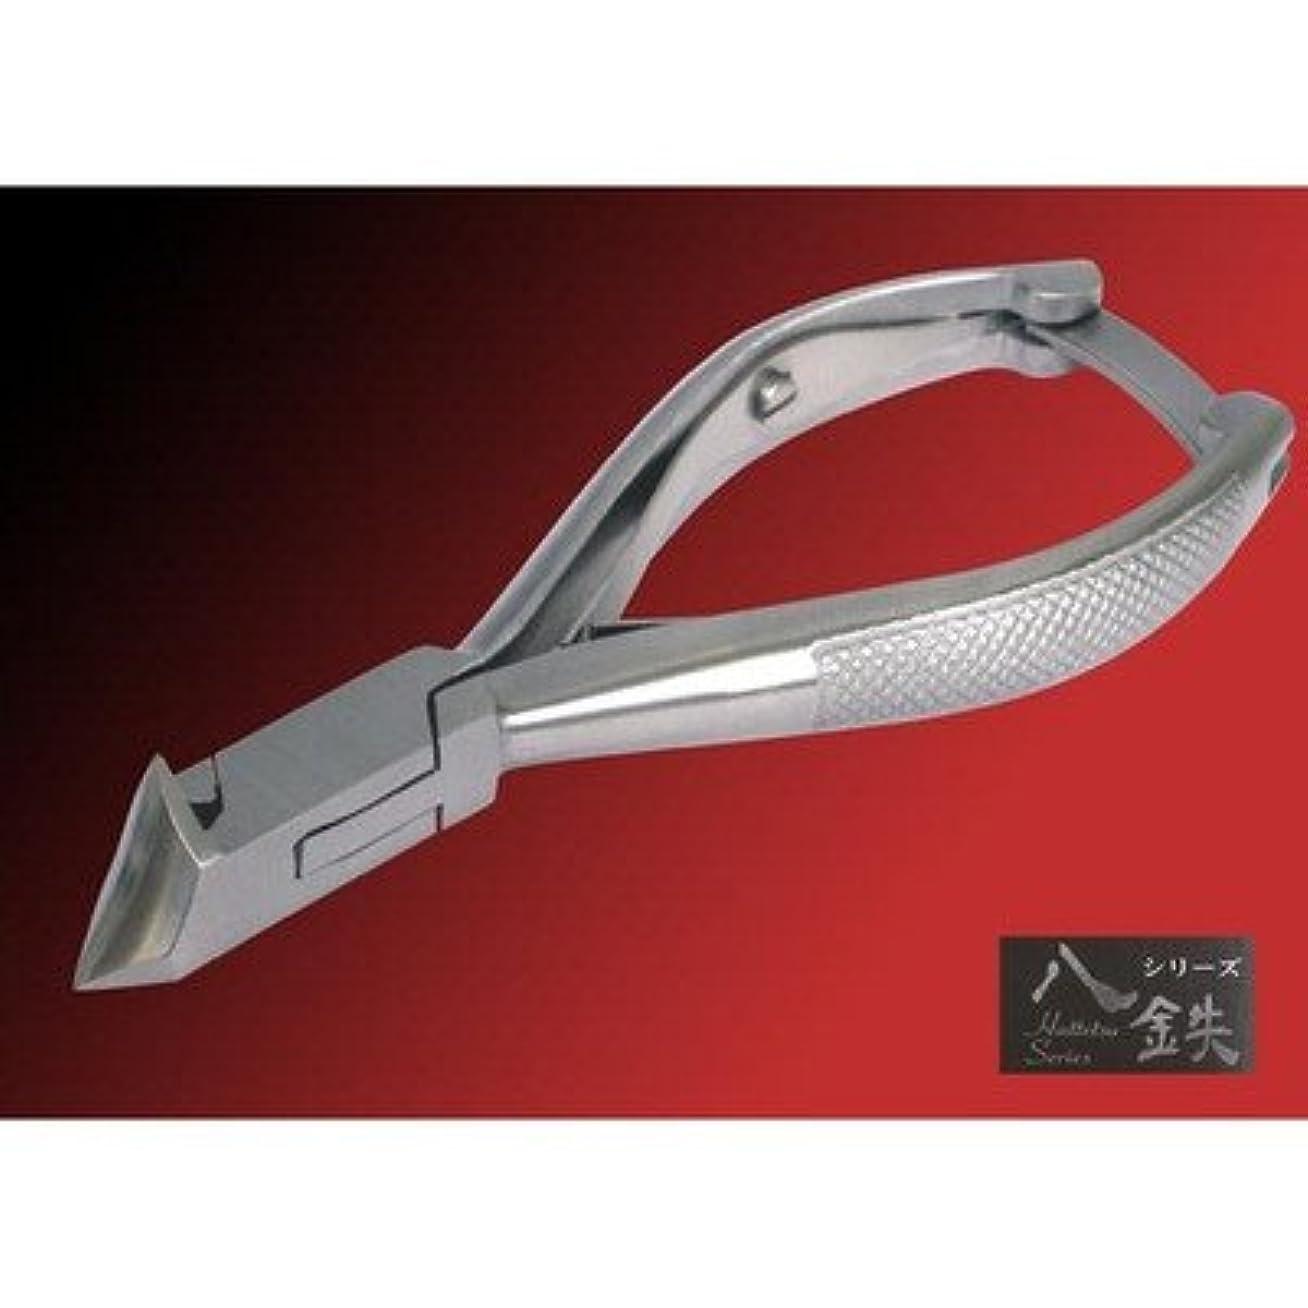 トライアスロンバンドル控えめな88018 made in japan 八鉄シリーズ 斜刃爪切り 巻き爪用 足の爪や手の爪 つけ爪などにぴったりの爪切り